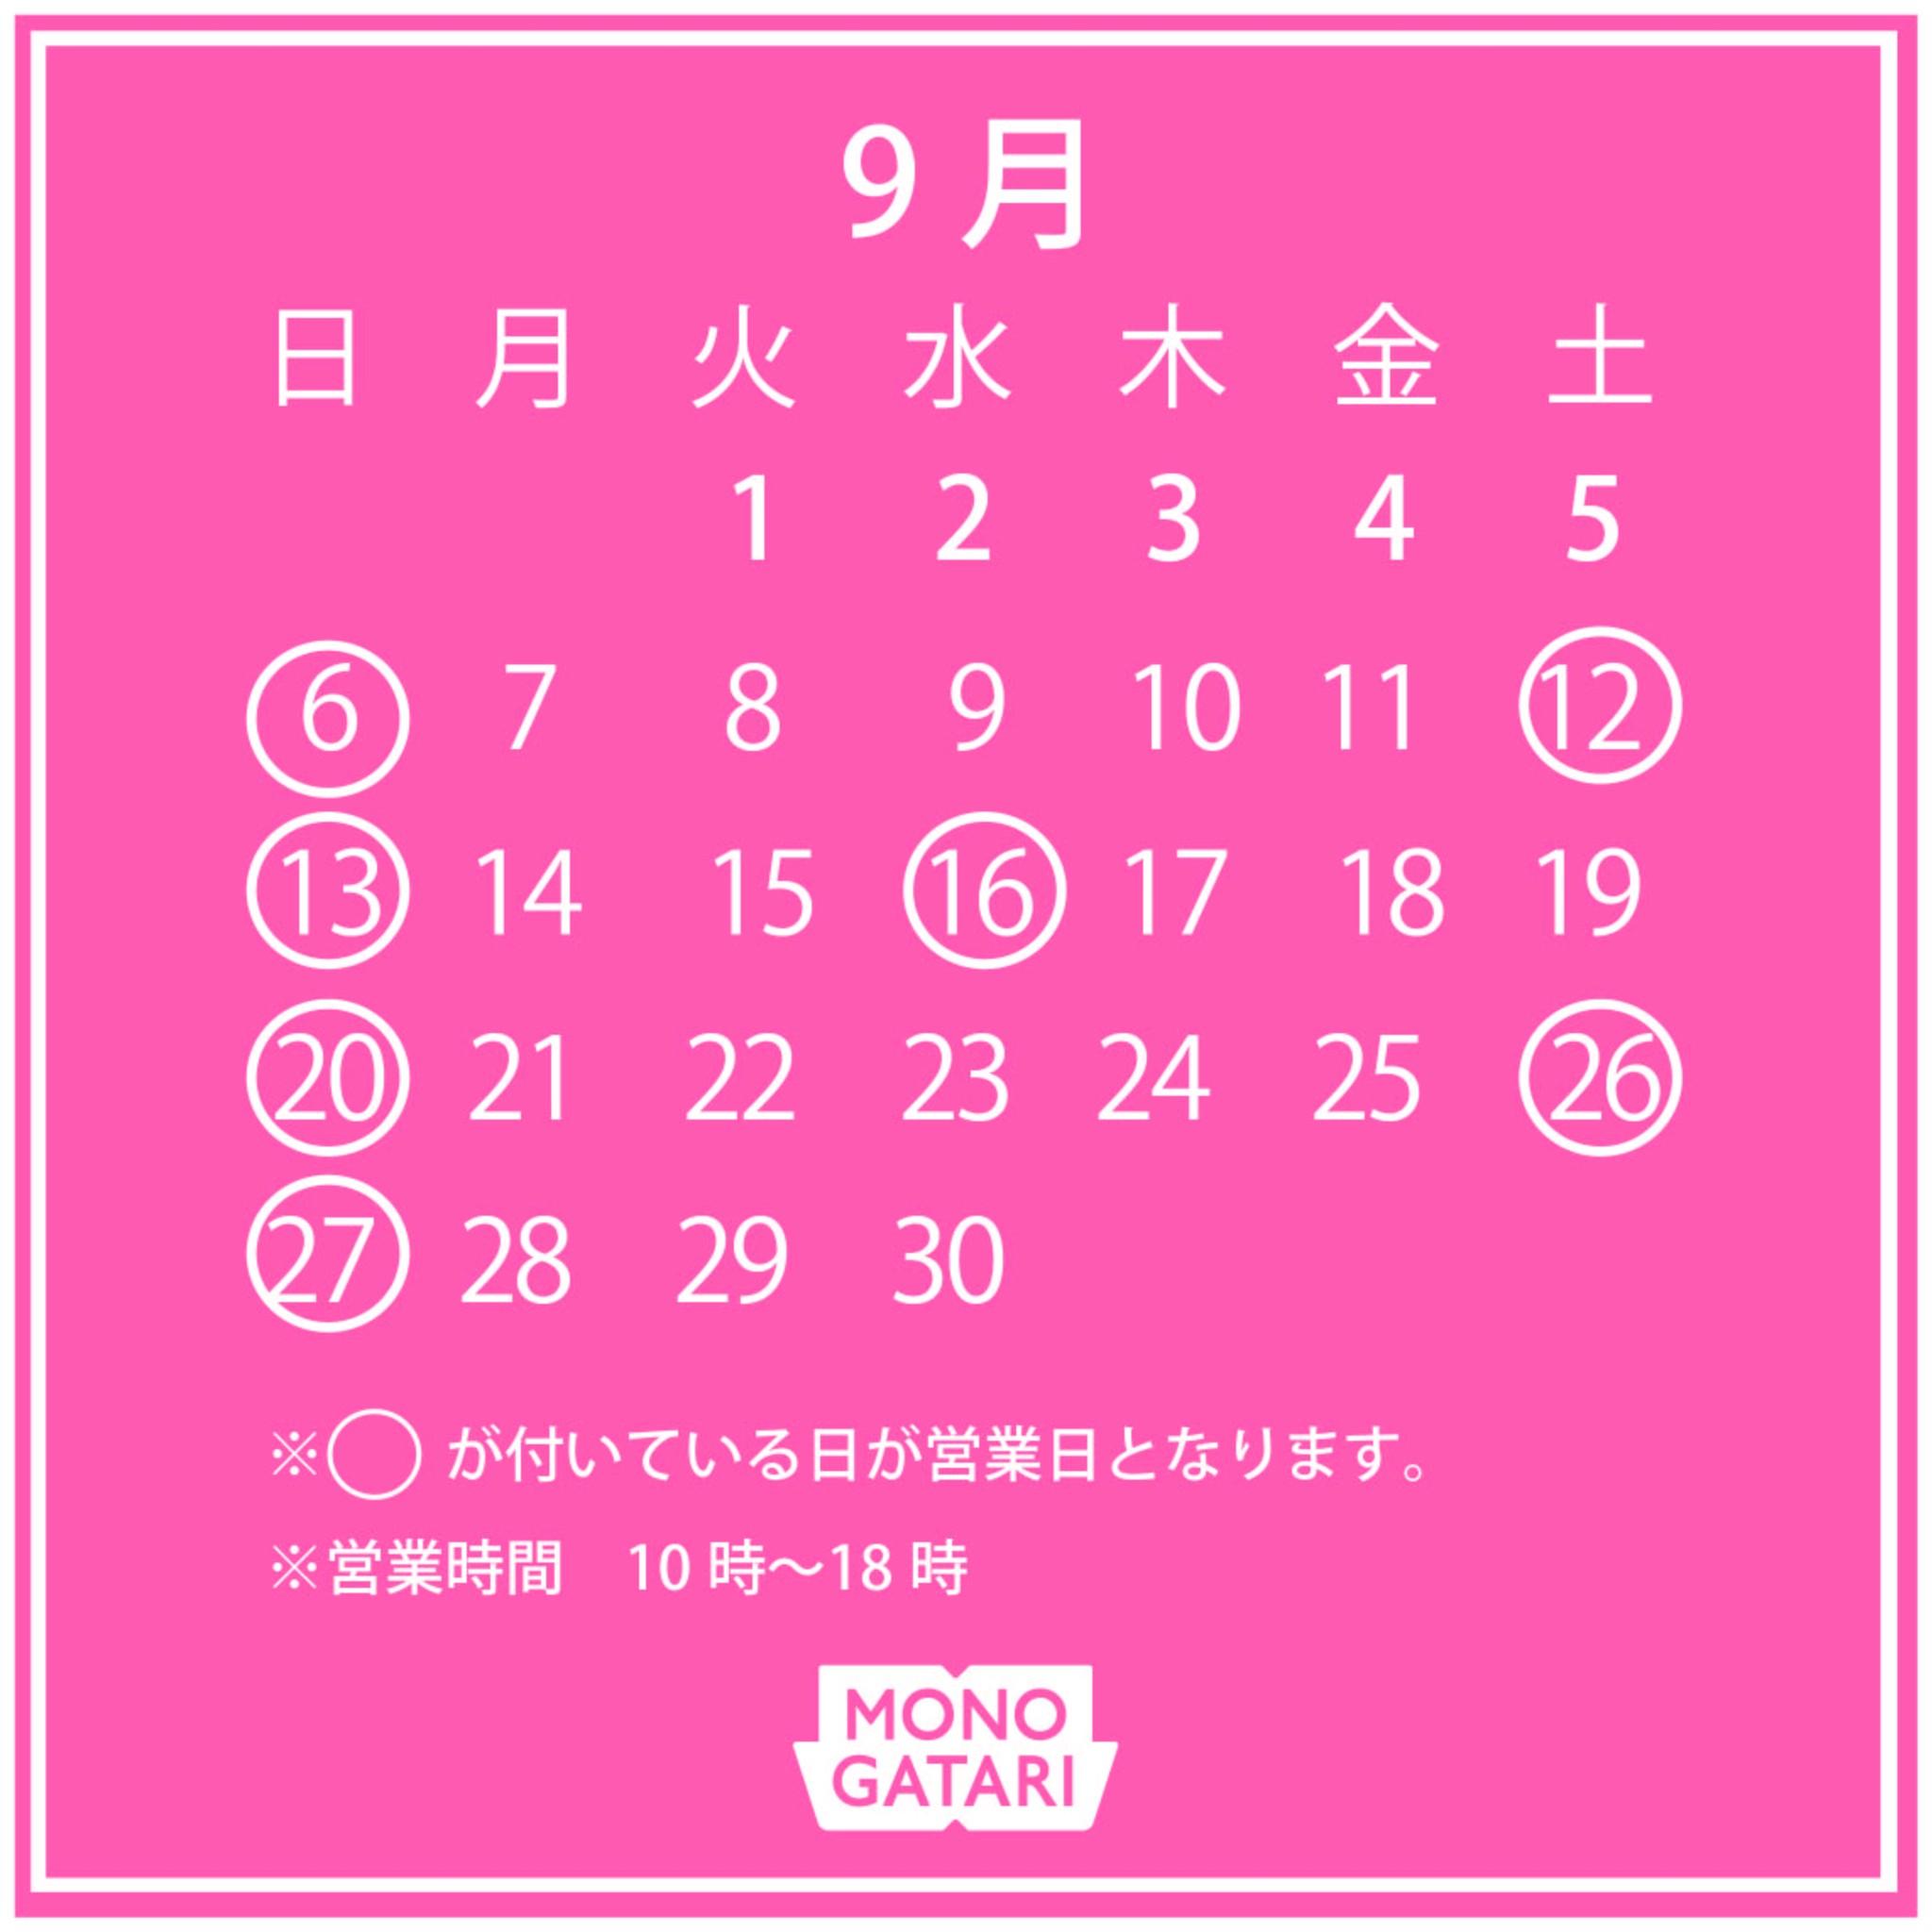 9月実店舗営業日のお知らせ